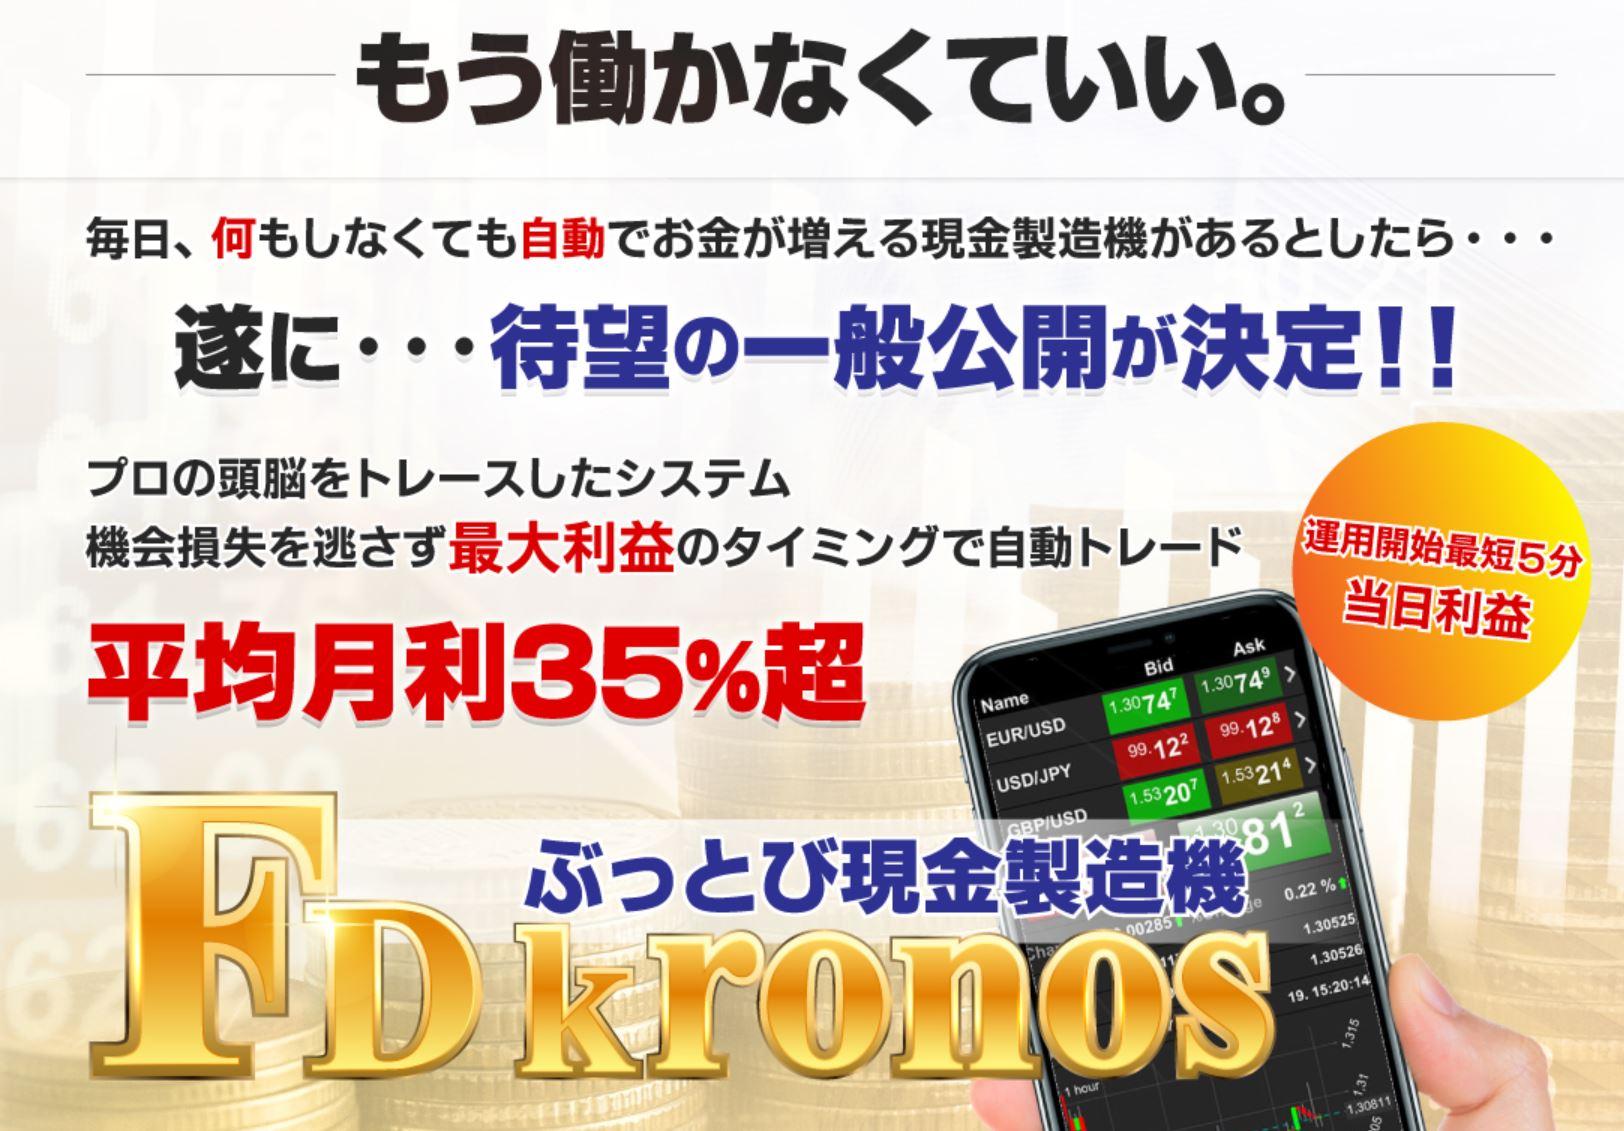 平均月利35%超 FD kronosは本当に自動で稼げる?副業案件調査